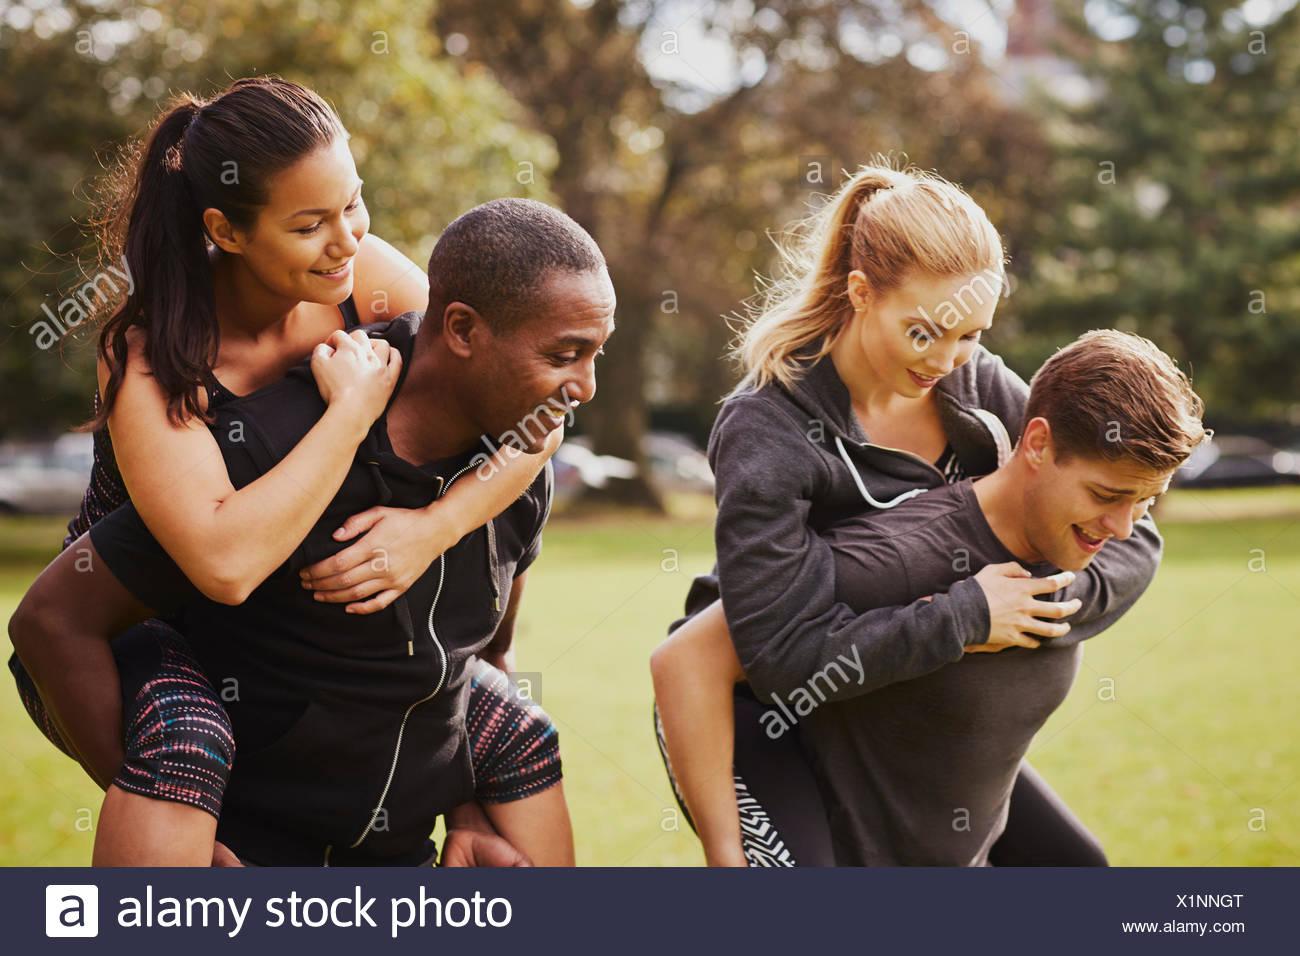 Les hommes et les femmes ayant l'amusement park, ayant une formation en piggy back race Photo Stock